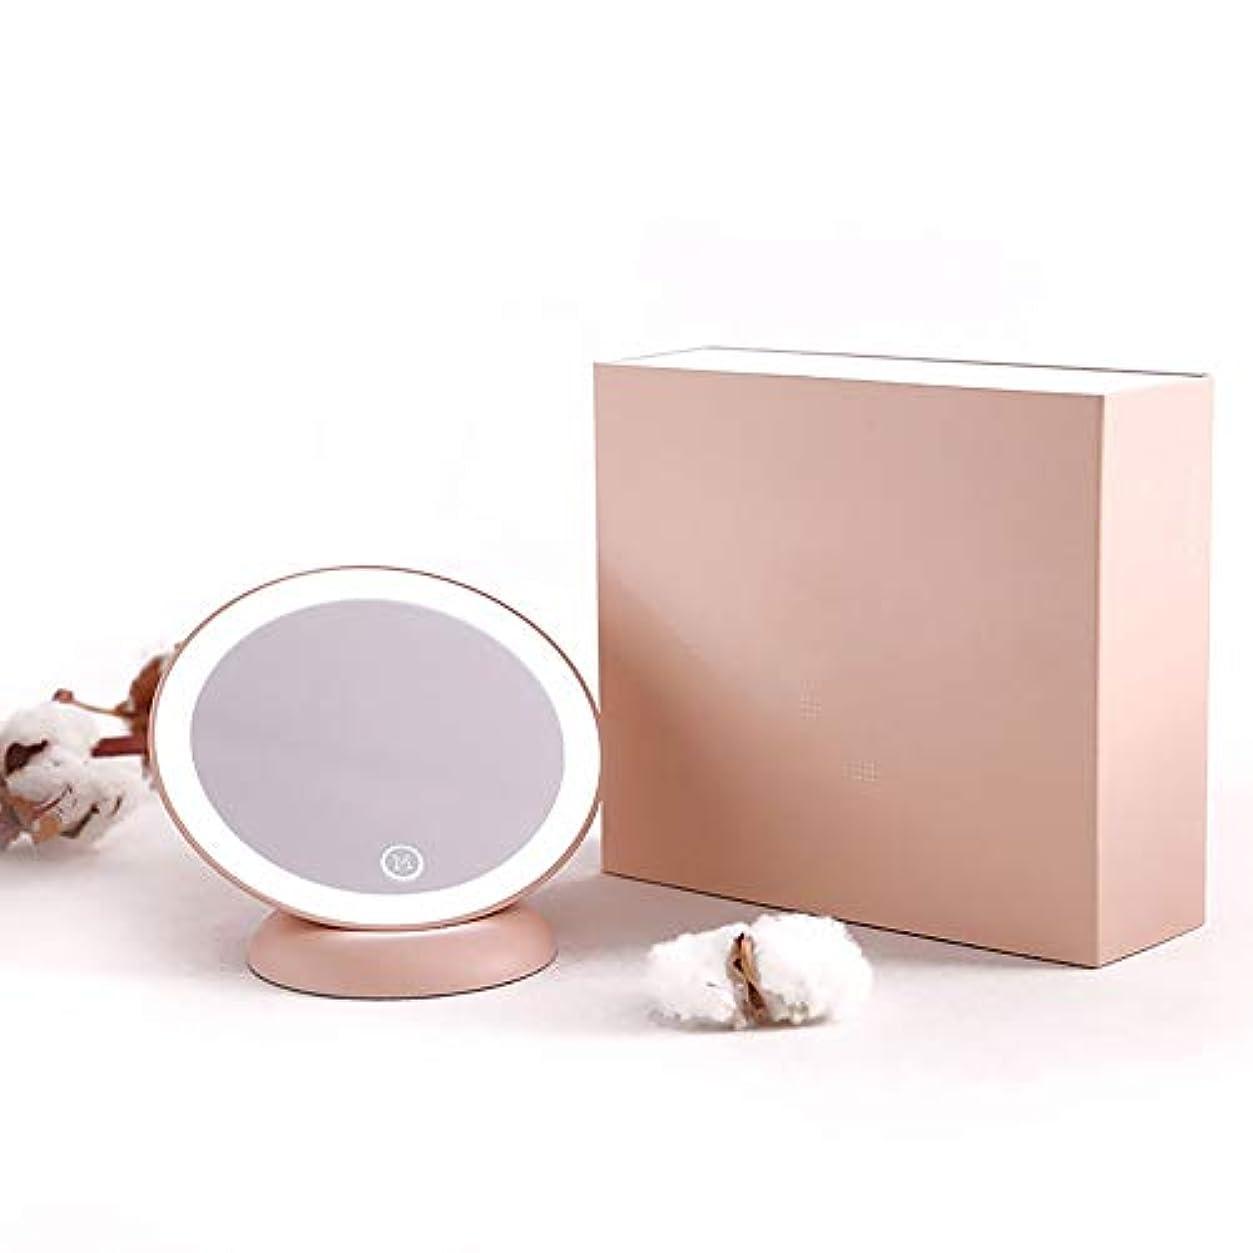 近代化最大限欲求不満流行の 磁石を運ぶ創造的なライト360度回転ピンク1200mAh化粧鏡